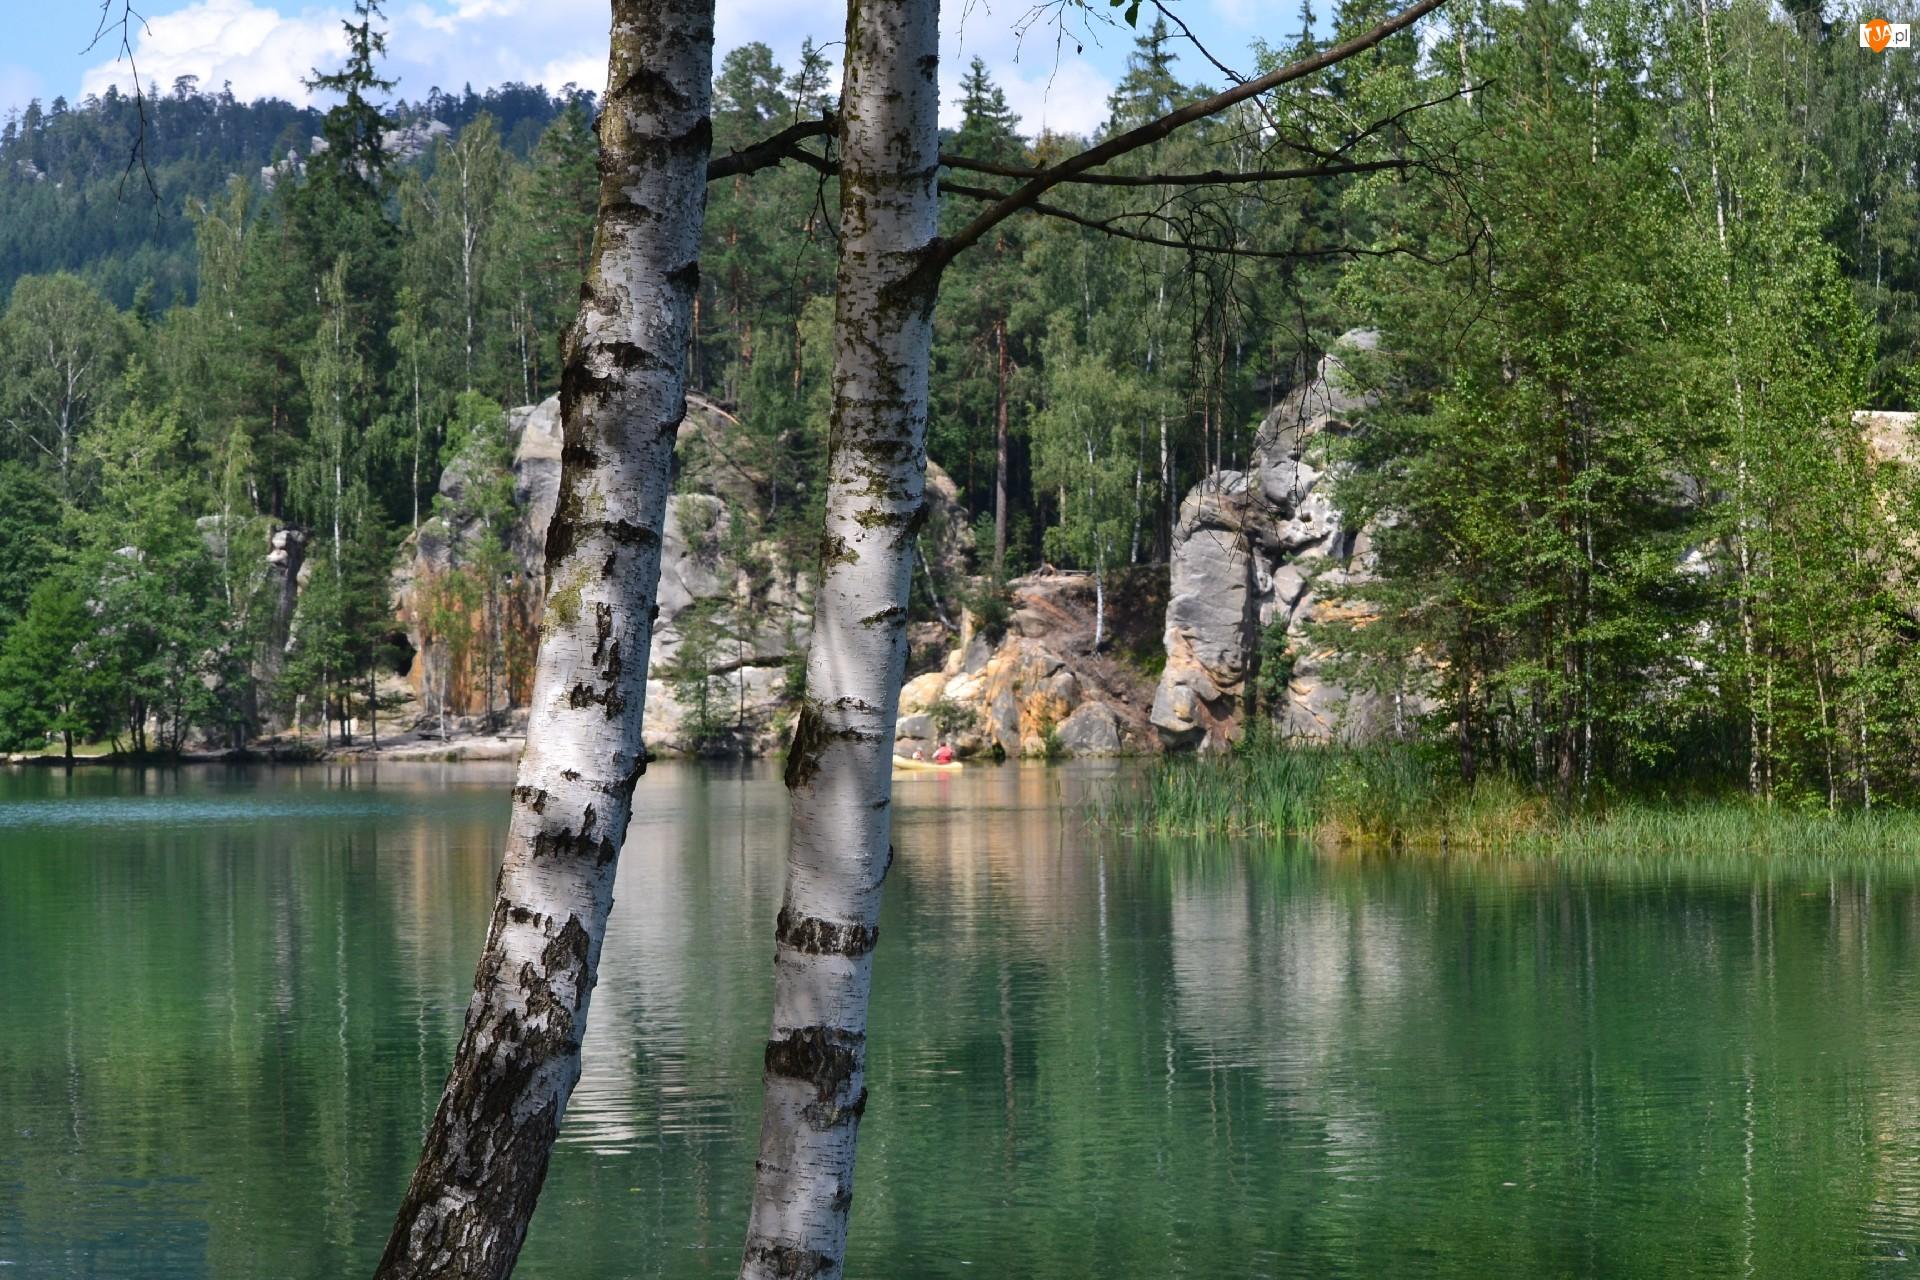 Jezioro, Brzoza, Ardspach, Czechy